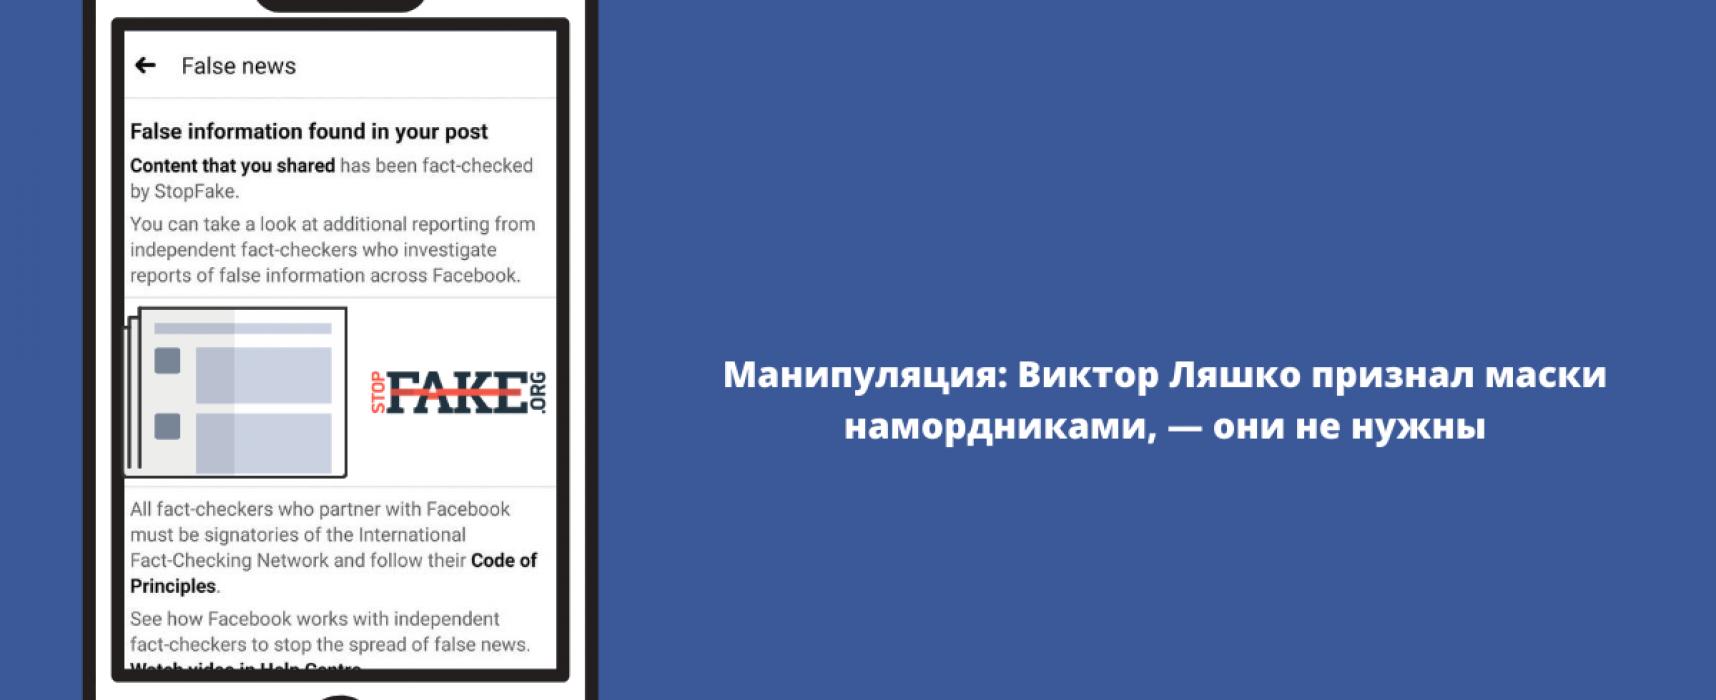 Манипуляция: Виктор Ляшко признал маски намордниками, — они не нужны